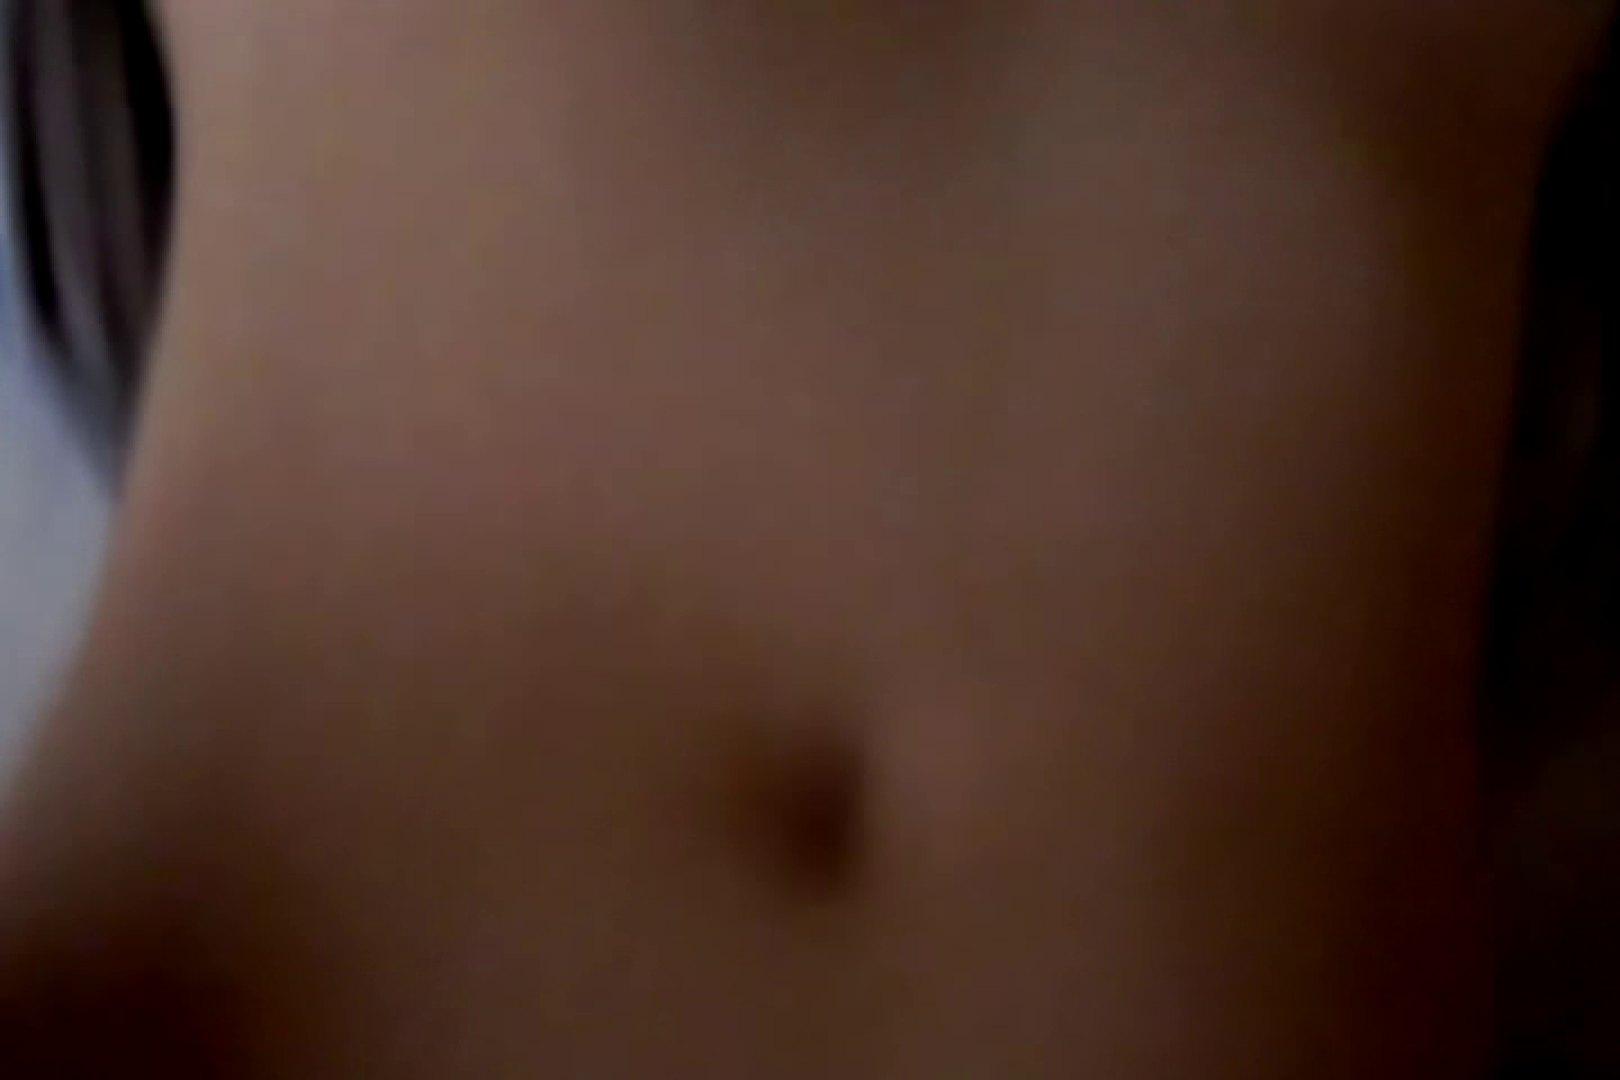 ウイルス流出 レオ&マンコのアルバム プライベート | マンコ  74画像 73